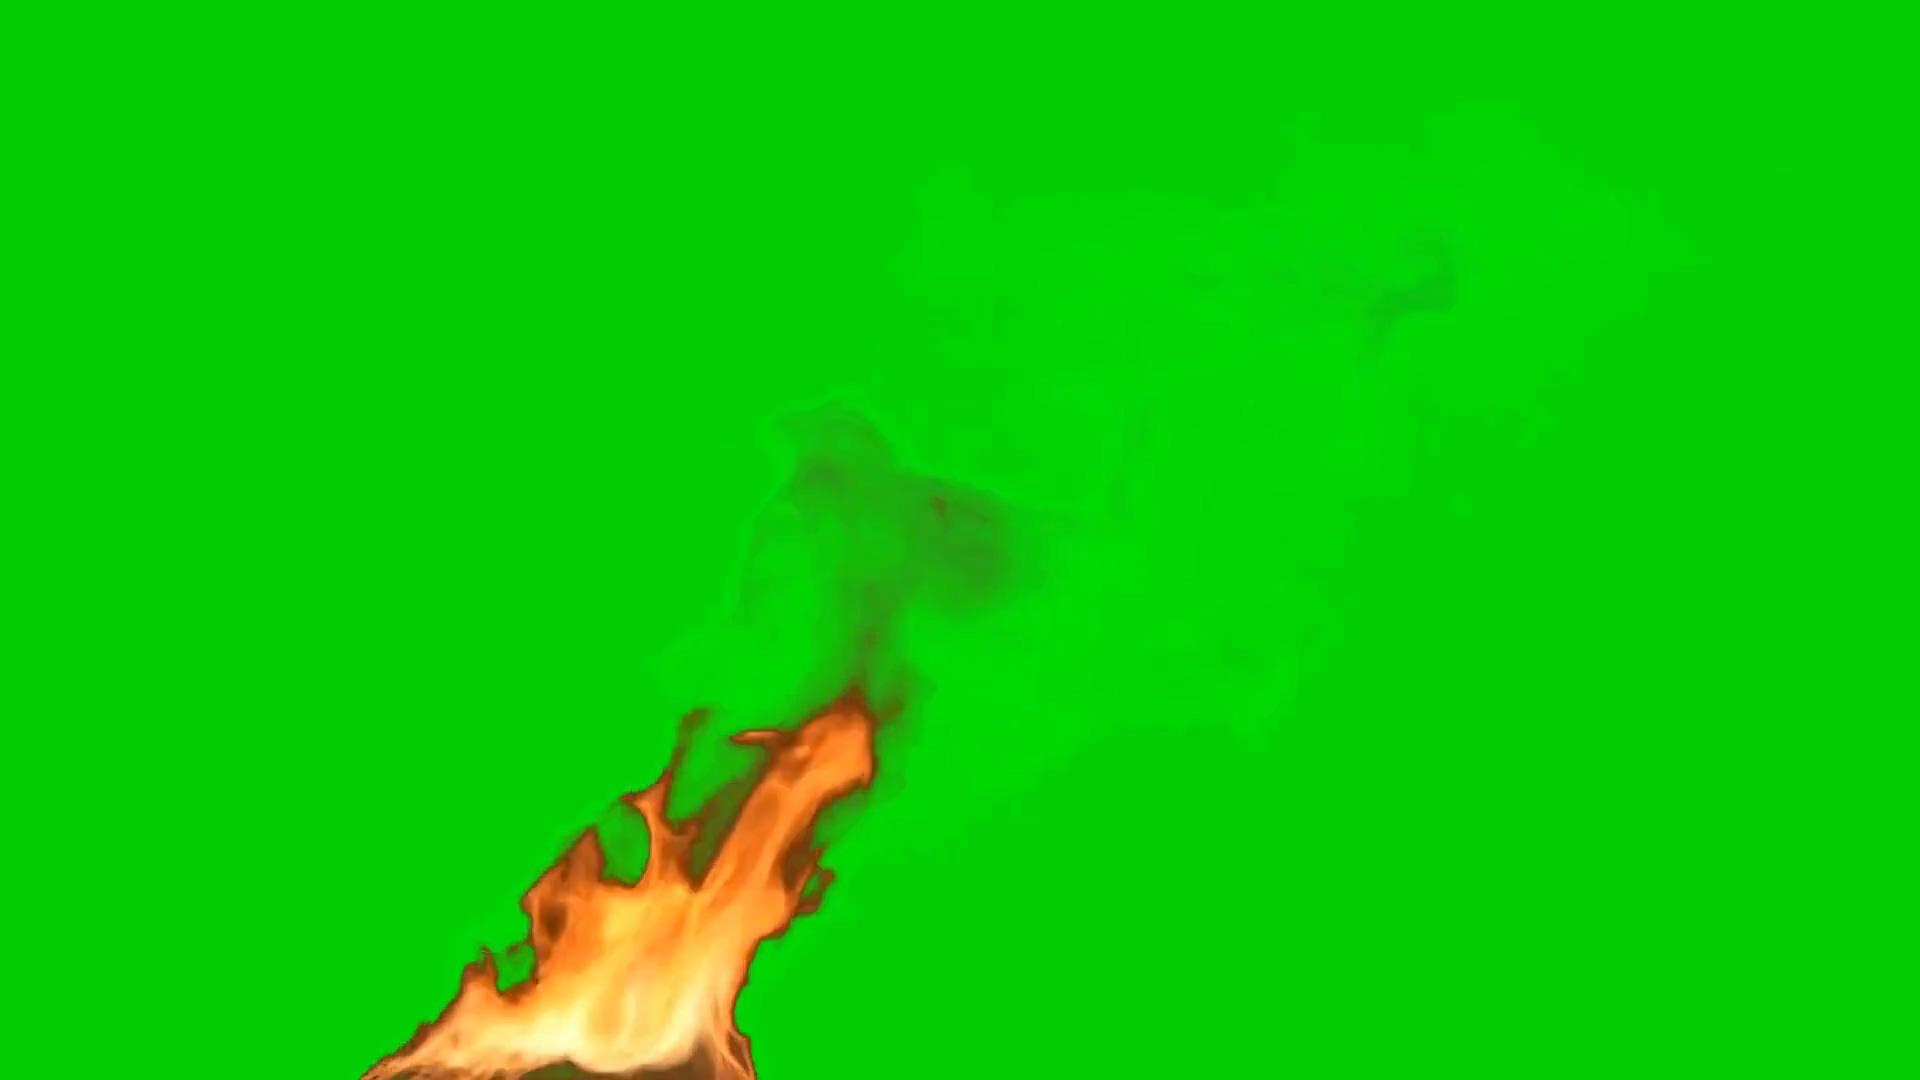 绿屏抠像燃烧的火焰